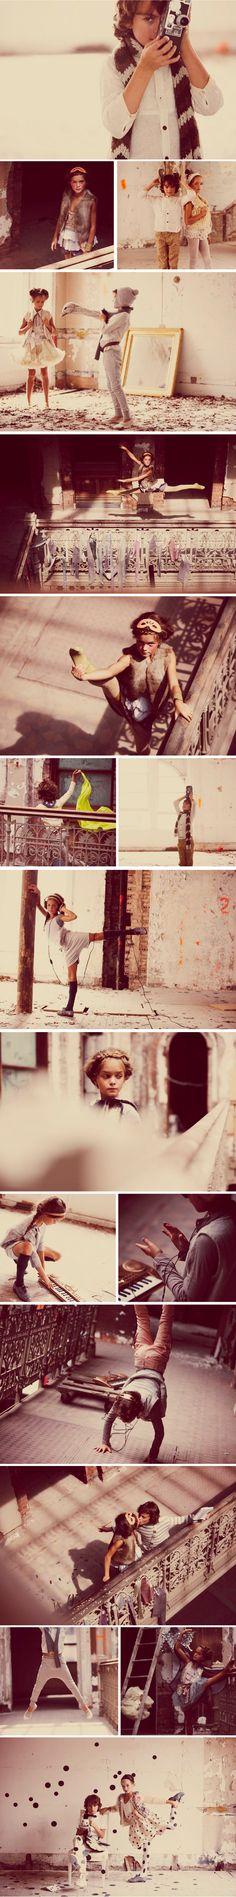 Katelyn Mooney - Styled Children's Shoot